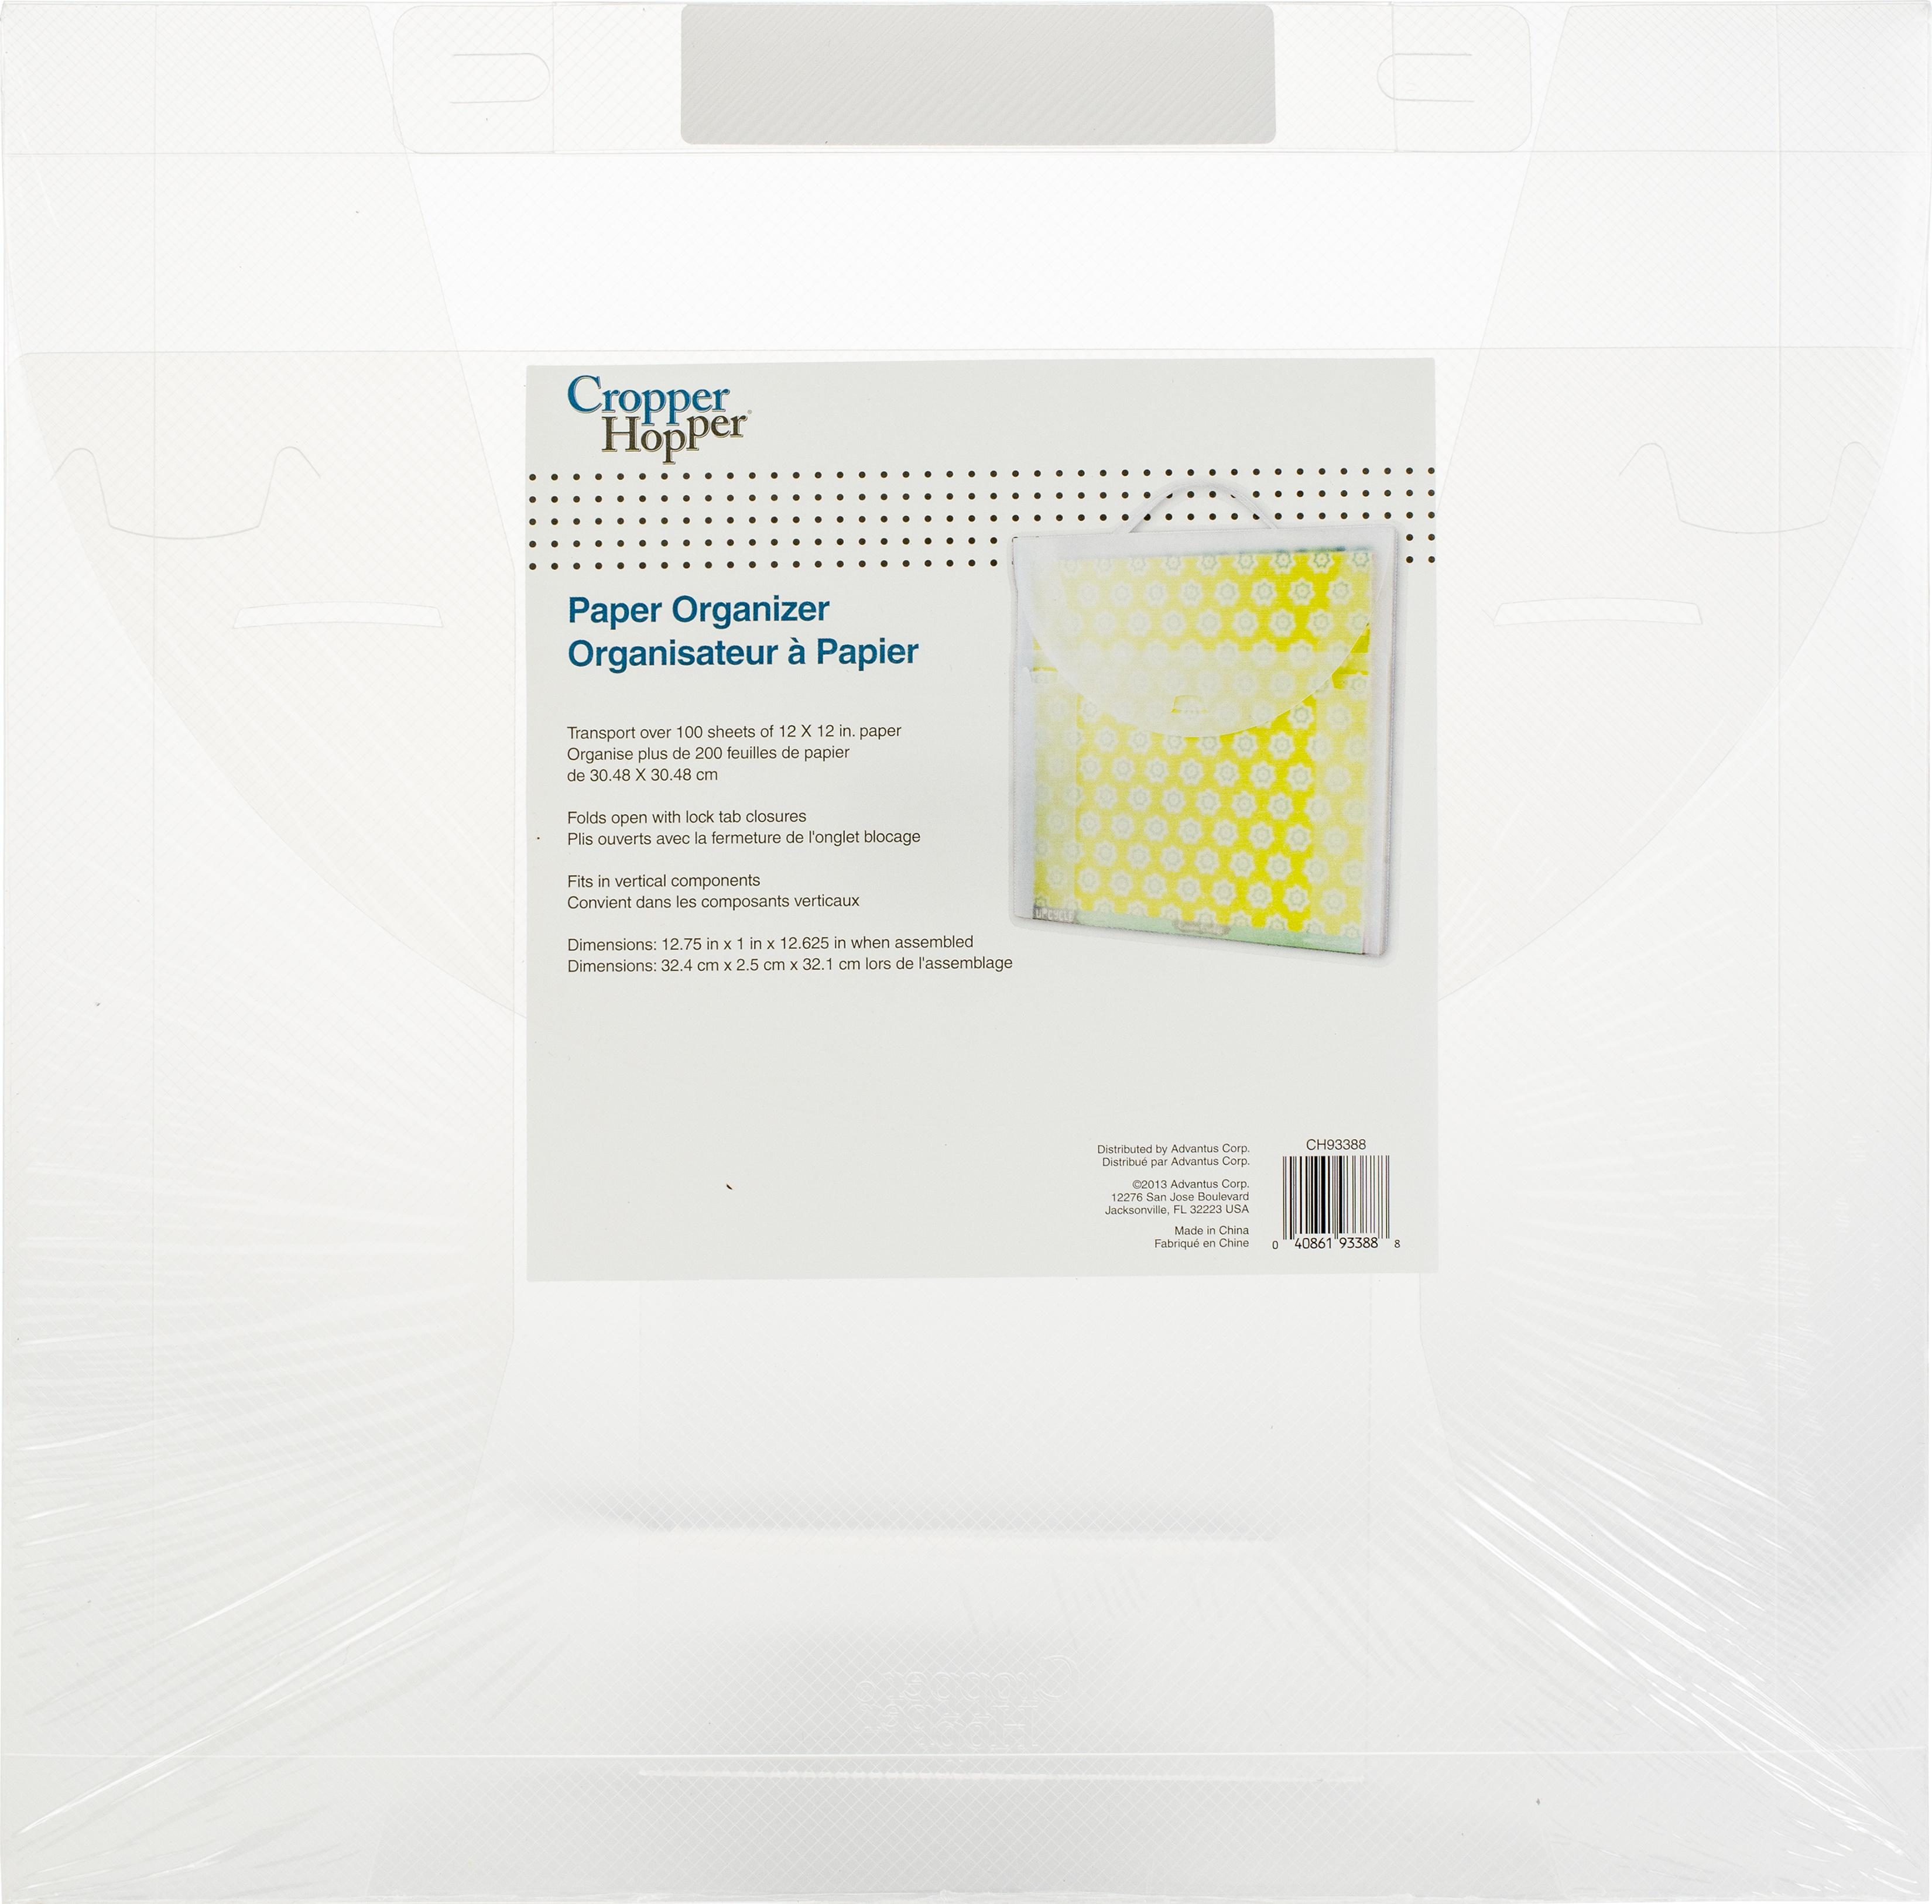 Cropper Hopper Paper Organizer-12X12